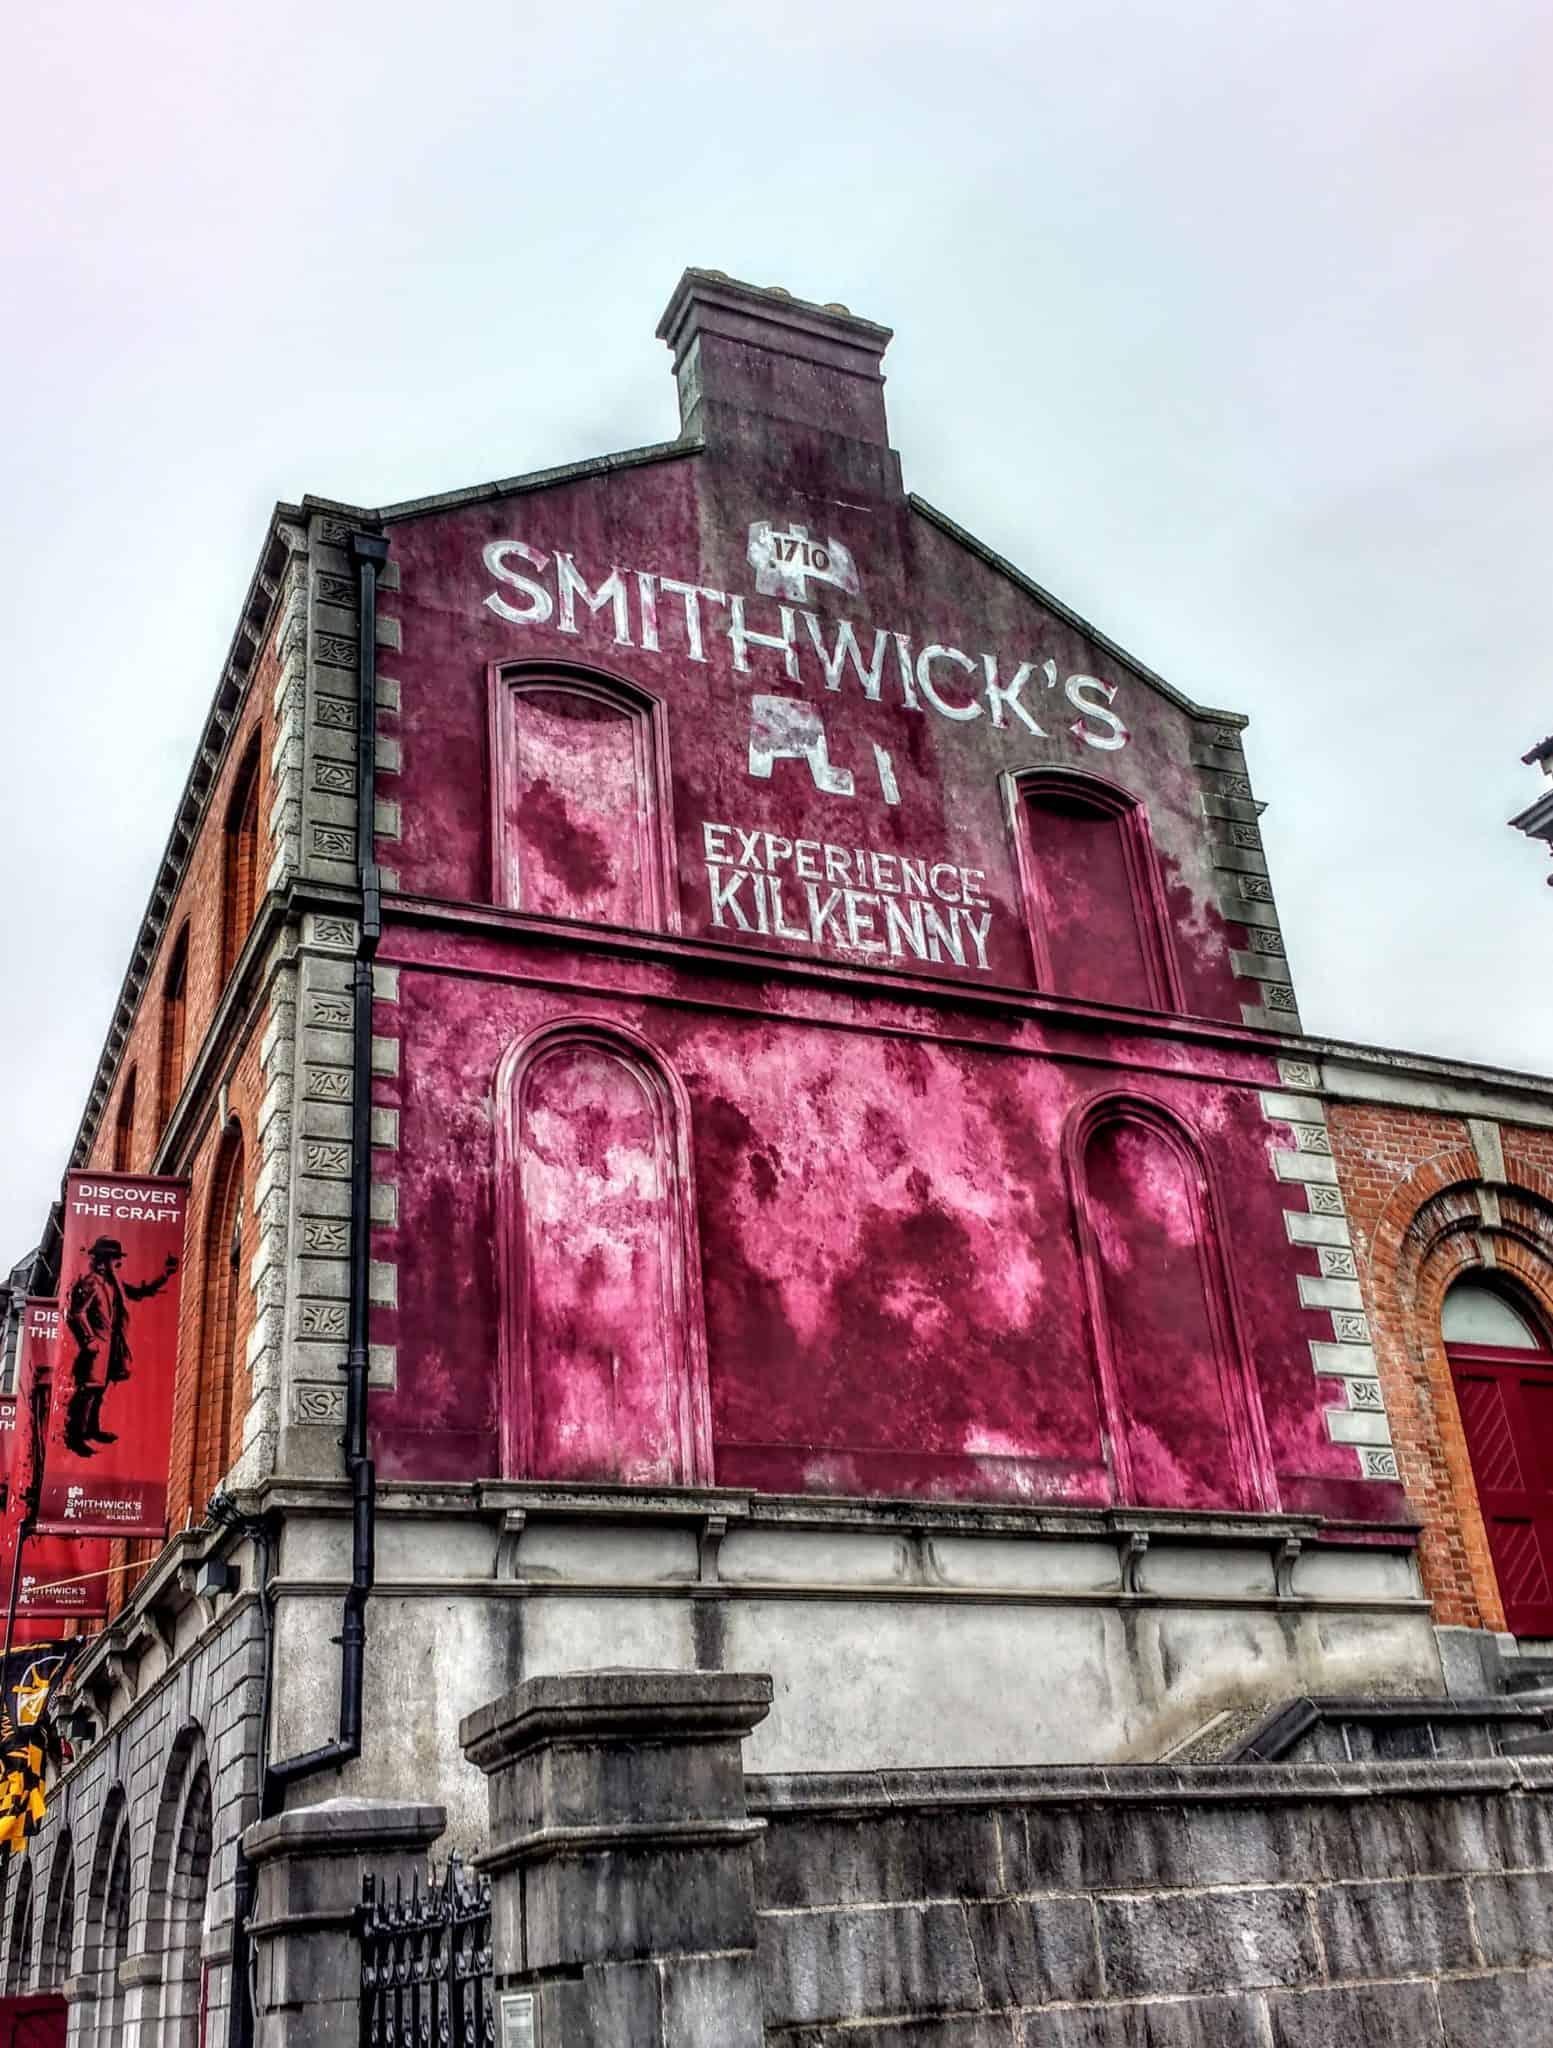 Smithwicks in Kilkenny